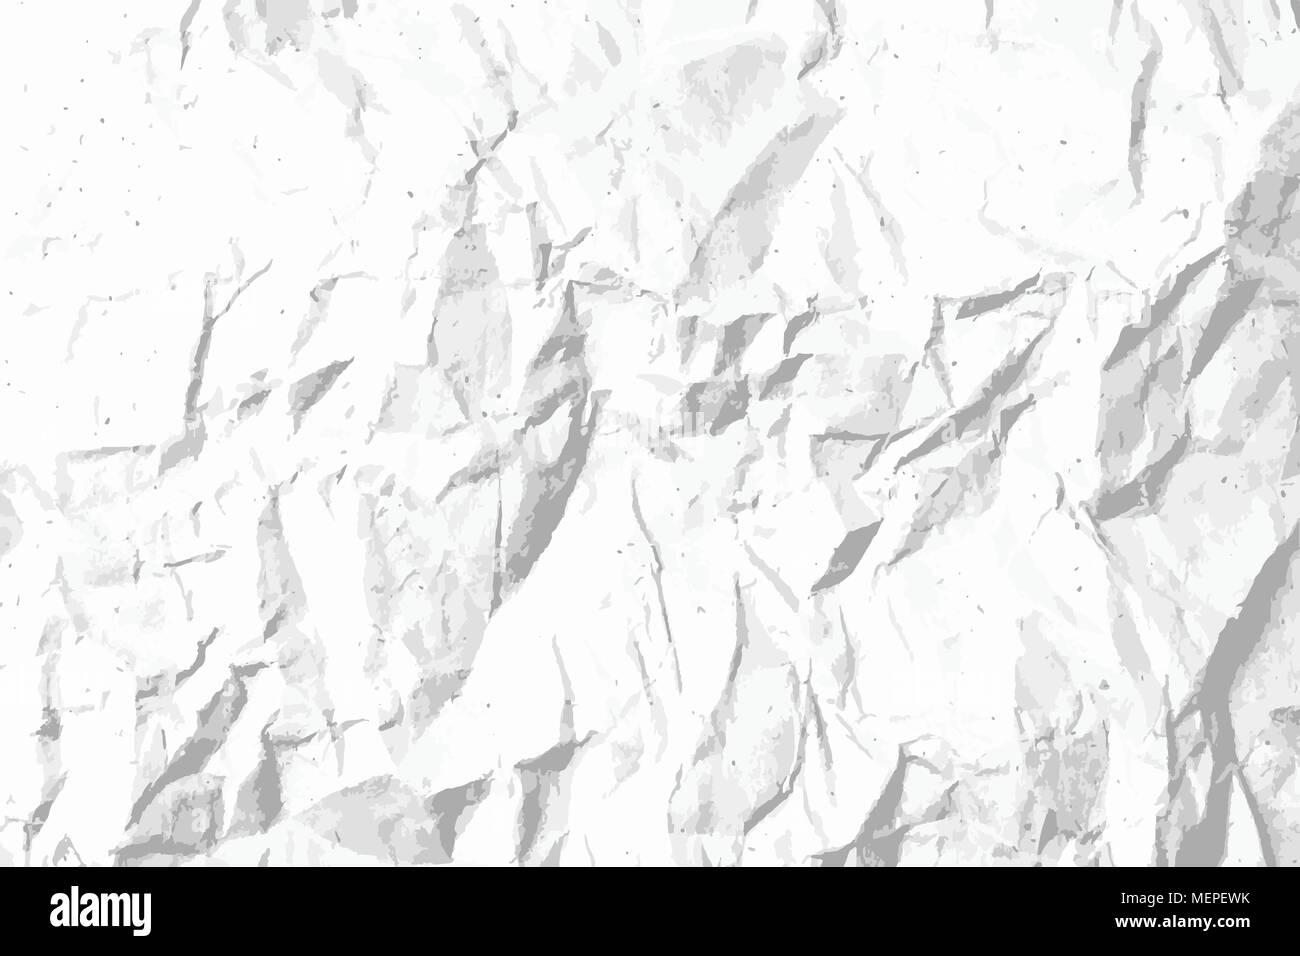 Dot E Grana Carta Sgualcita Texture Dello Sfondo Bianco E Nero